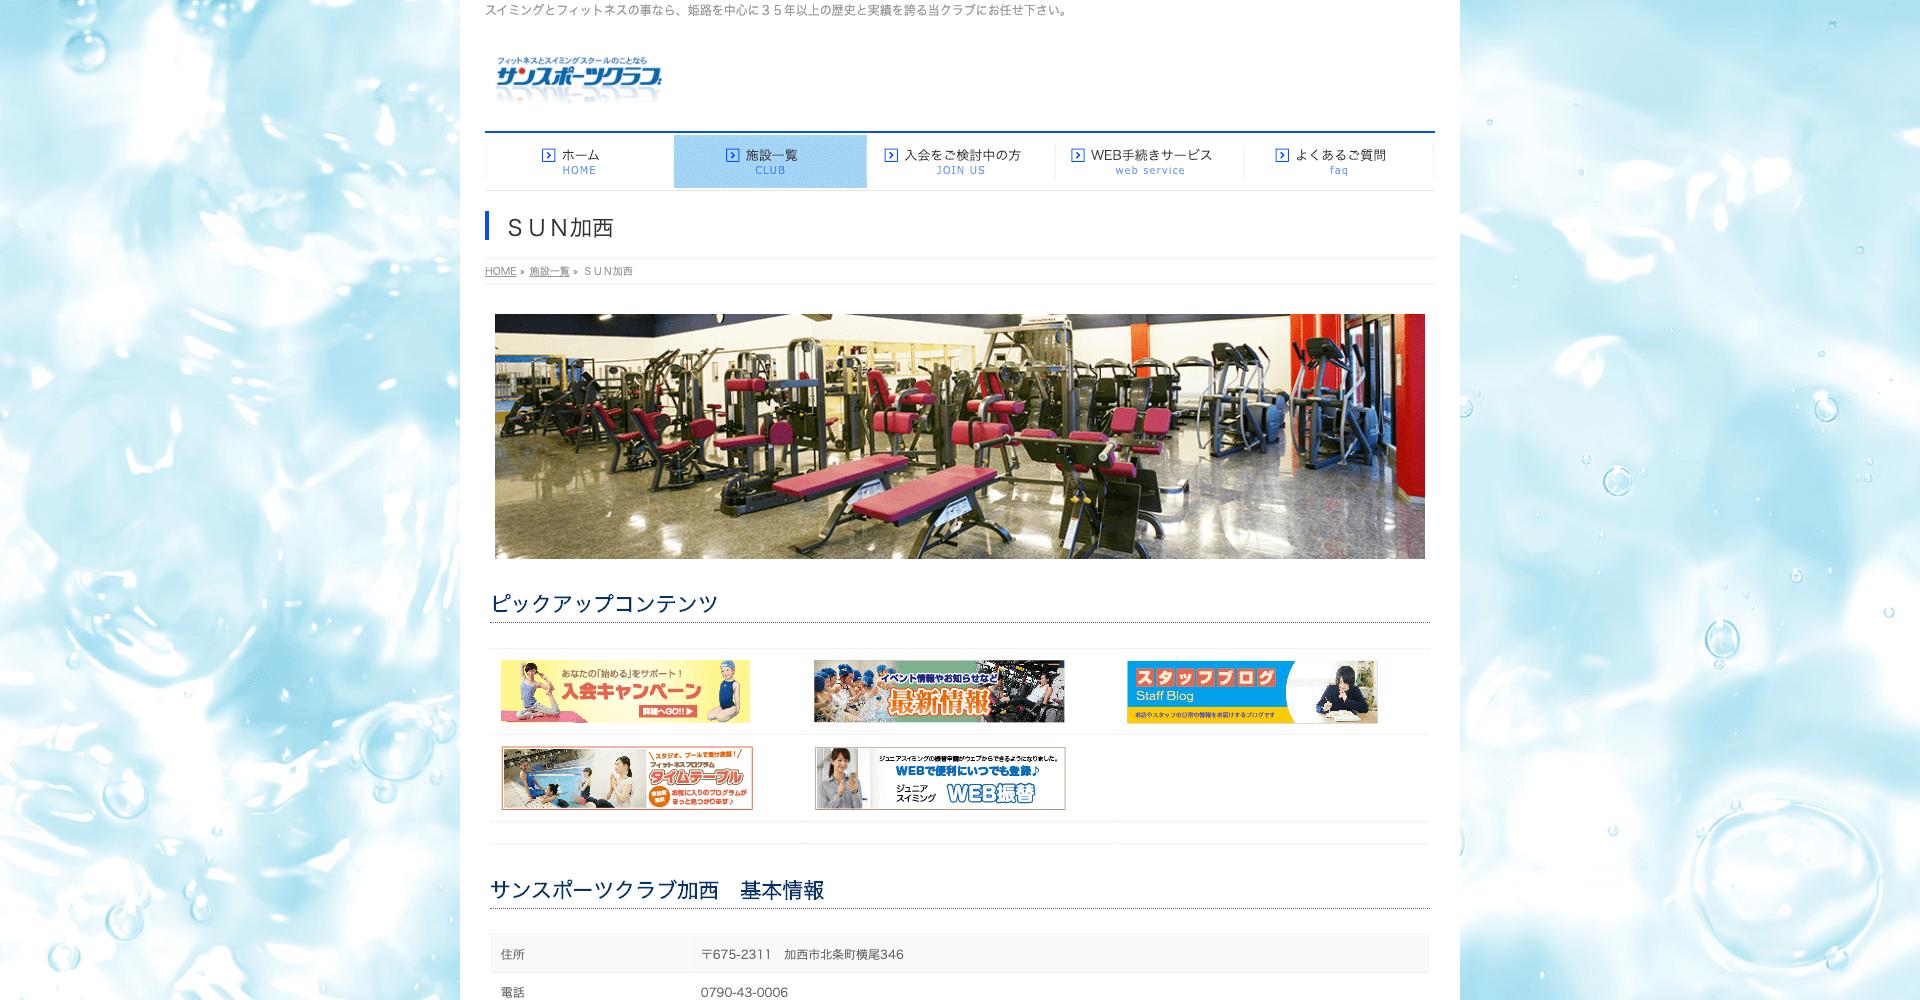 サンスポーツクラブ加西